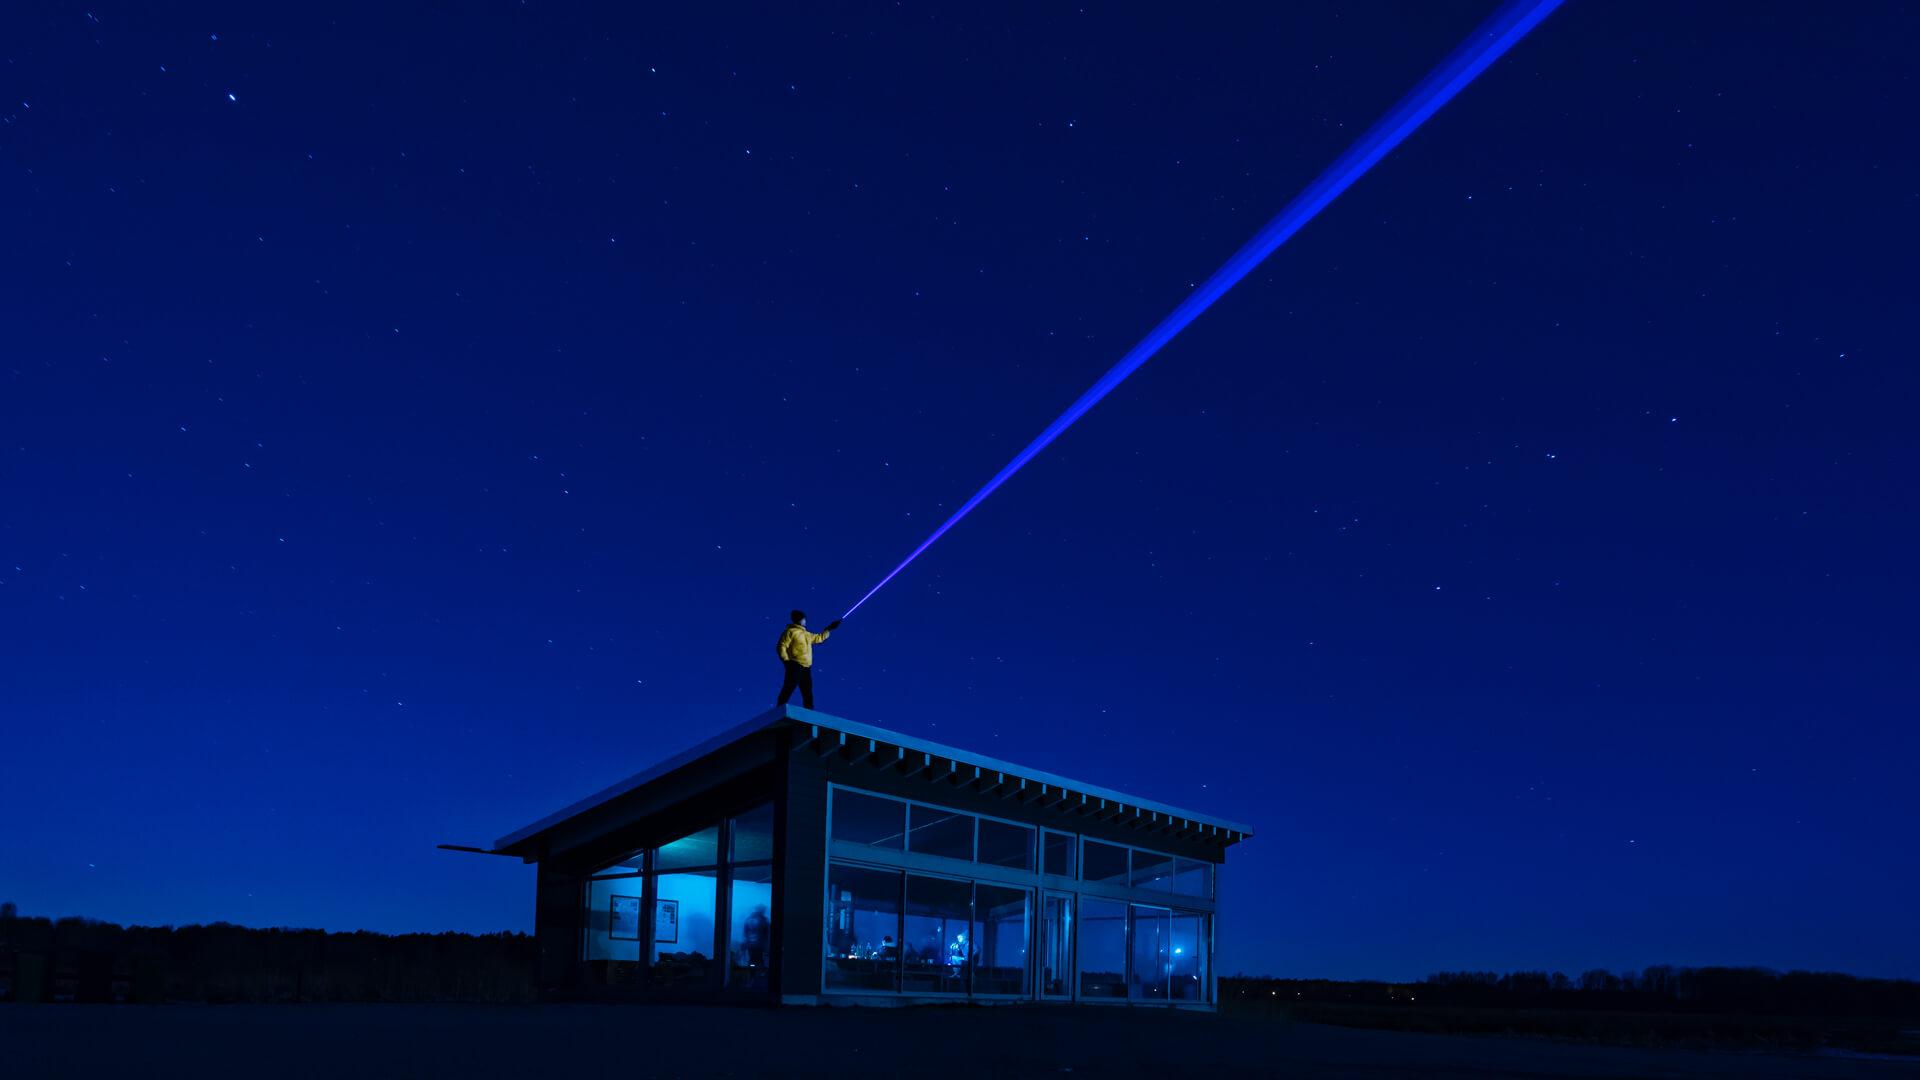 Lär dig kreativ nattfotografering. På kursen visar vi nattfotografering.